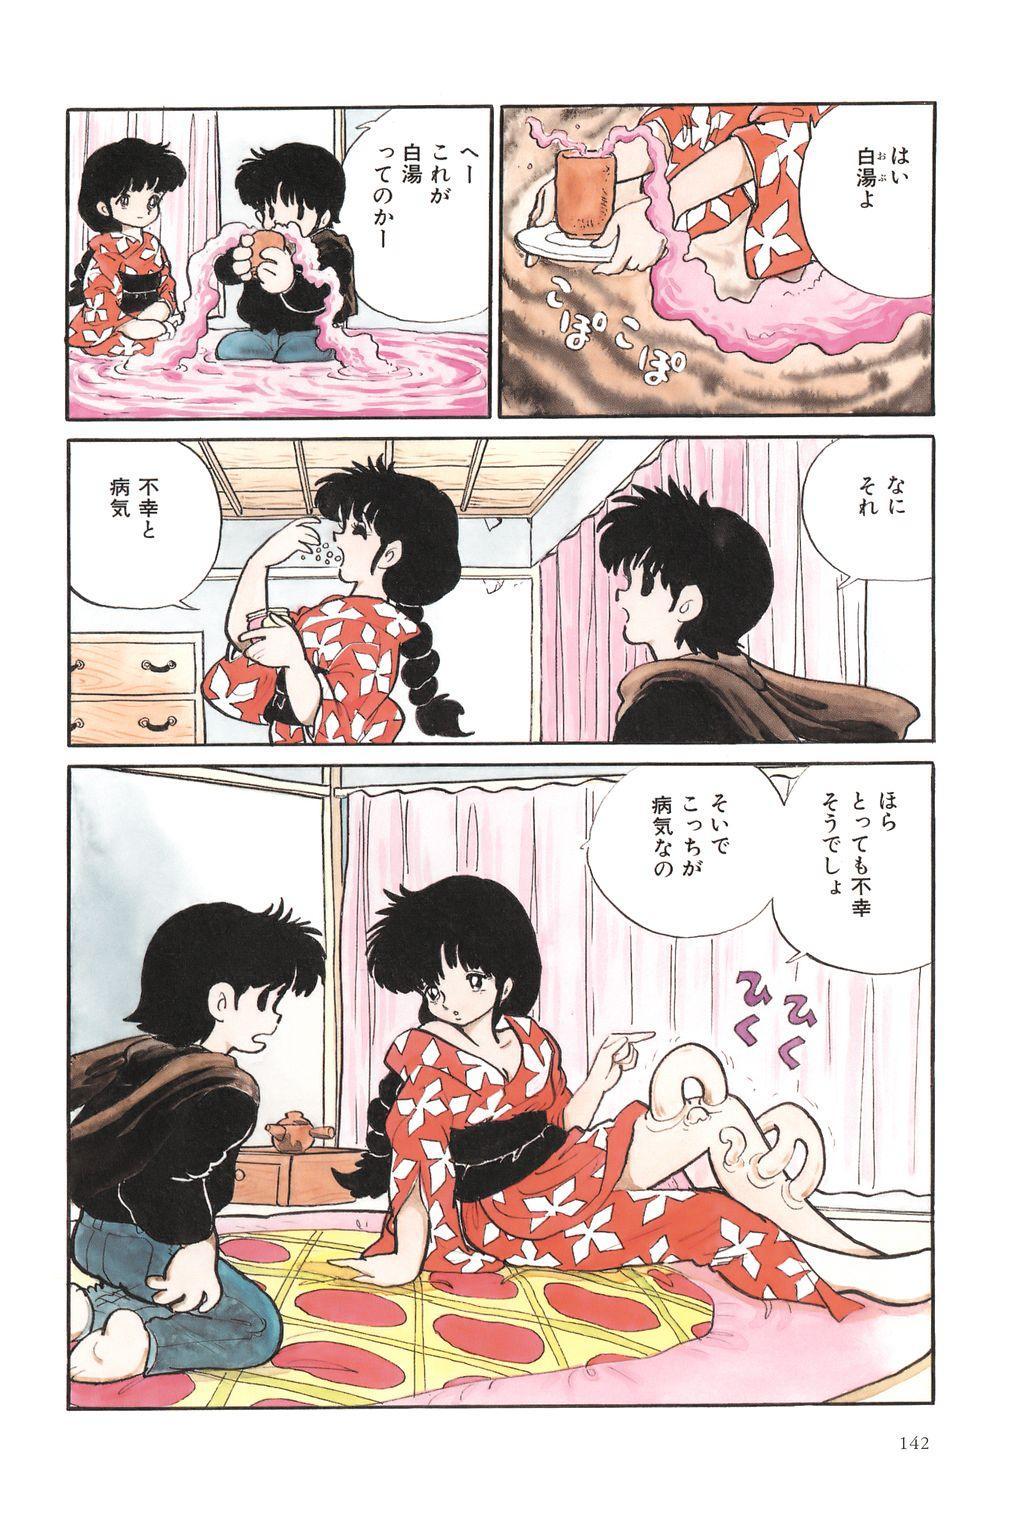 Azuma Hideo Sakuhin Shuusei - Yoru no Tobari no Naka de 144